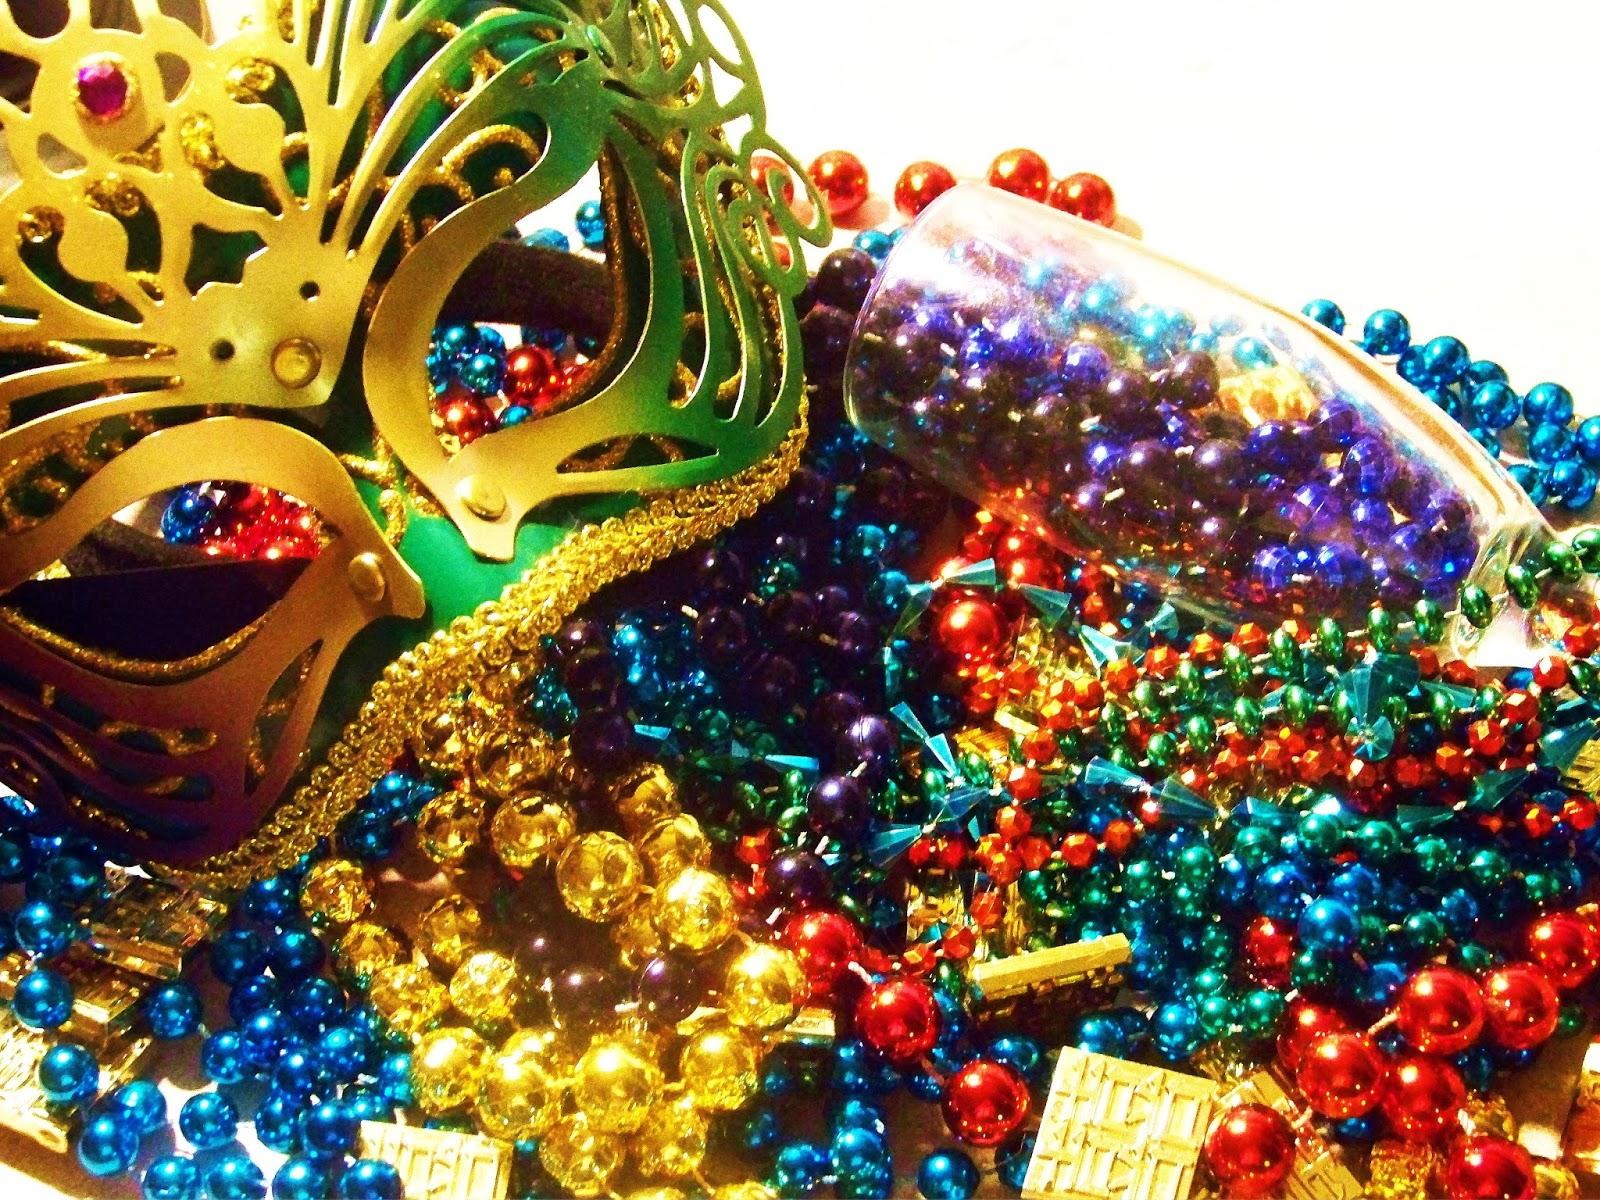 Beads wallpaper Mardi Gras Beads hd wallpaper background desktop 1600x1200